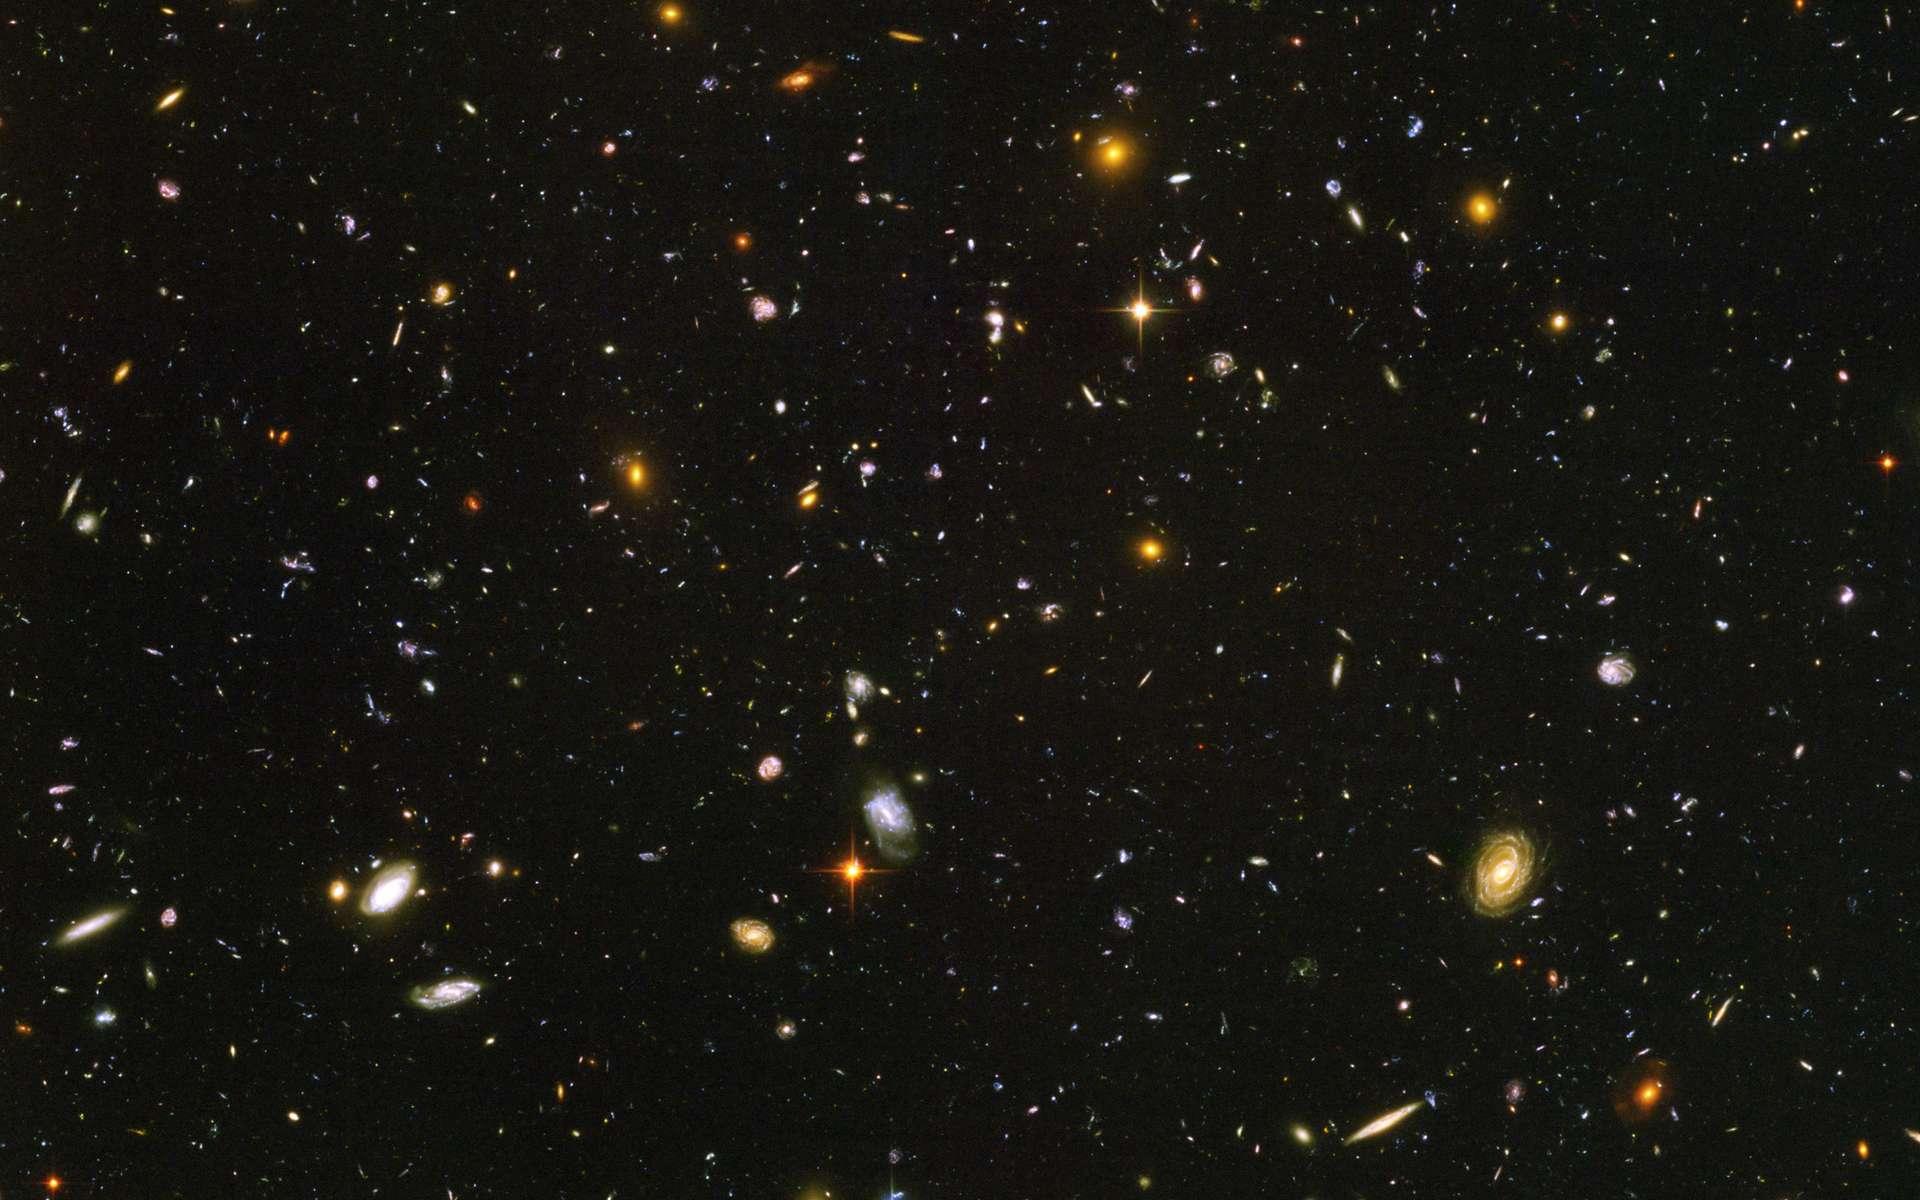 La cosmologie a bénéficié des observations réalisées en champ ultra-profond par le télescope spatial Hubble. © Nasa, Esa, S. Beckwith et l'équipe HUDF